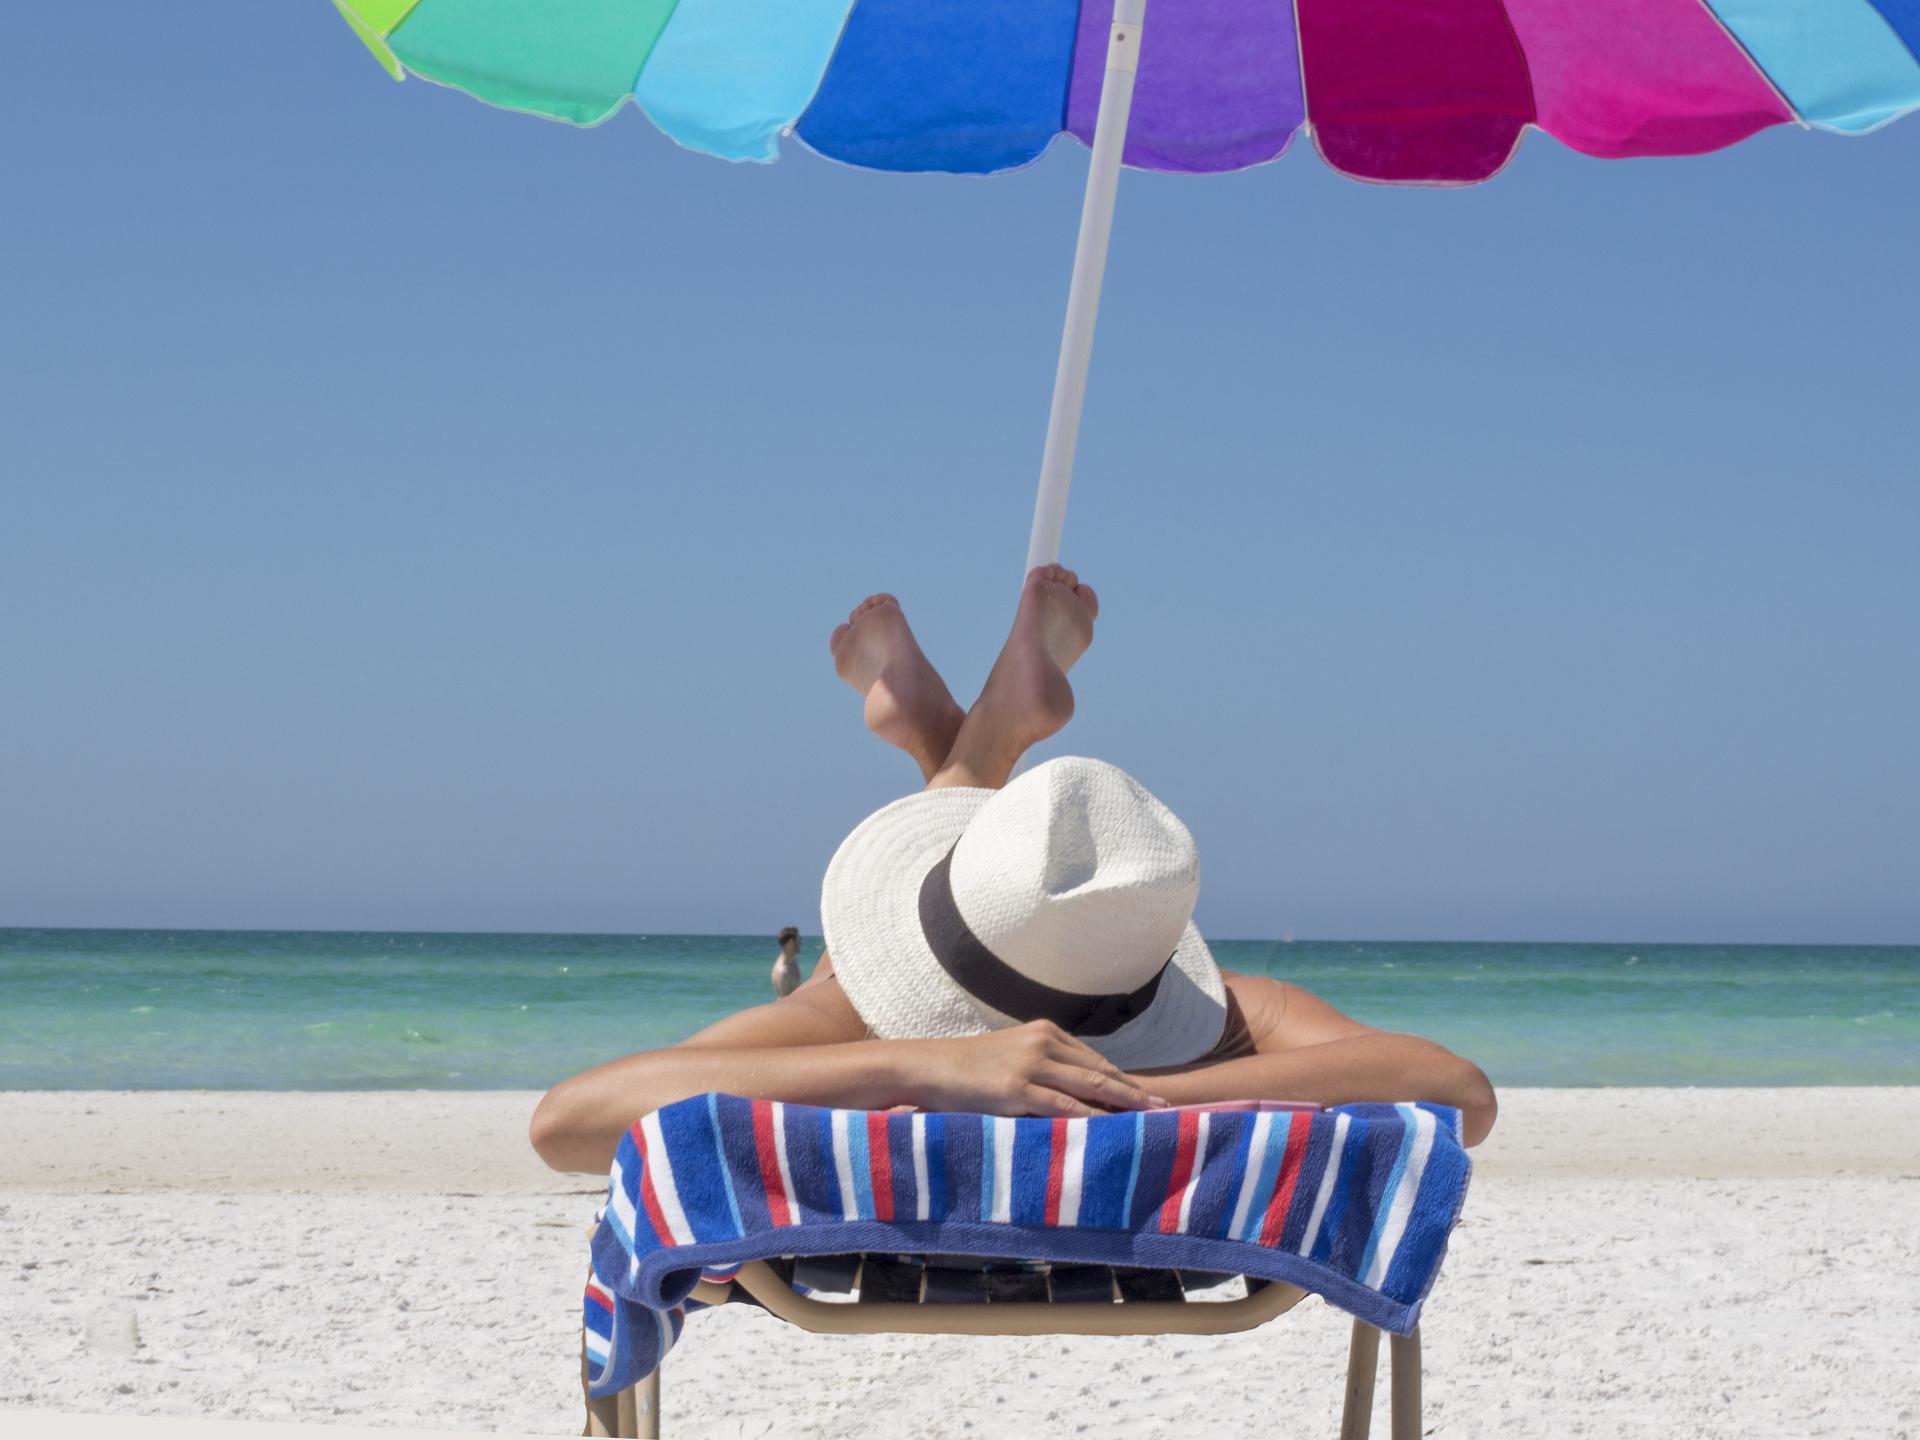 Im Idealfall können wir einen Großteil unseres VItamin D Bedarfs über Sonnenbaden abdecken. - Photocredit: pixabay.com/TerriC